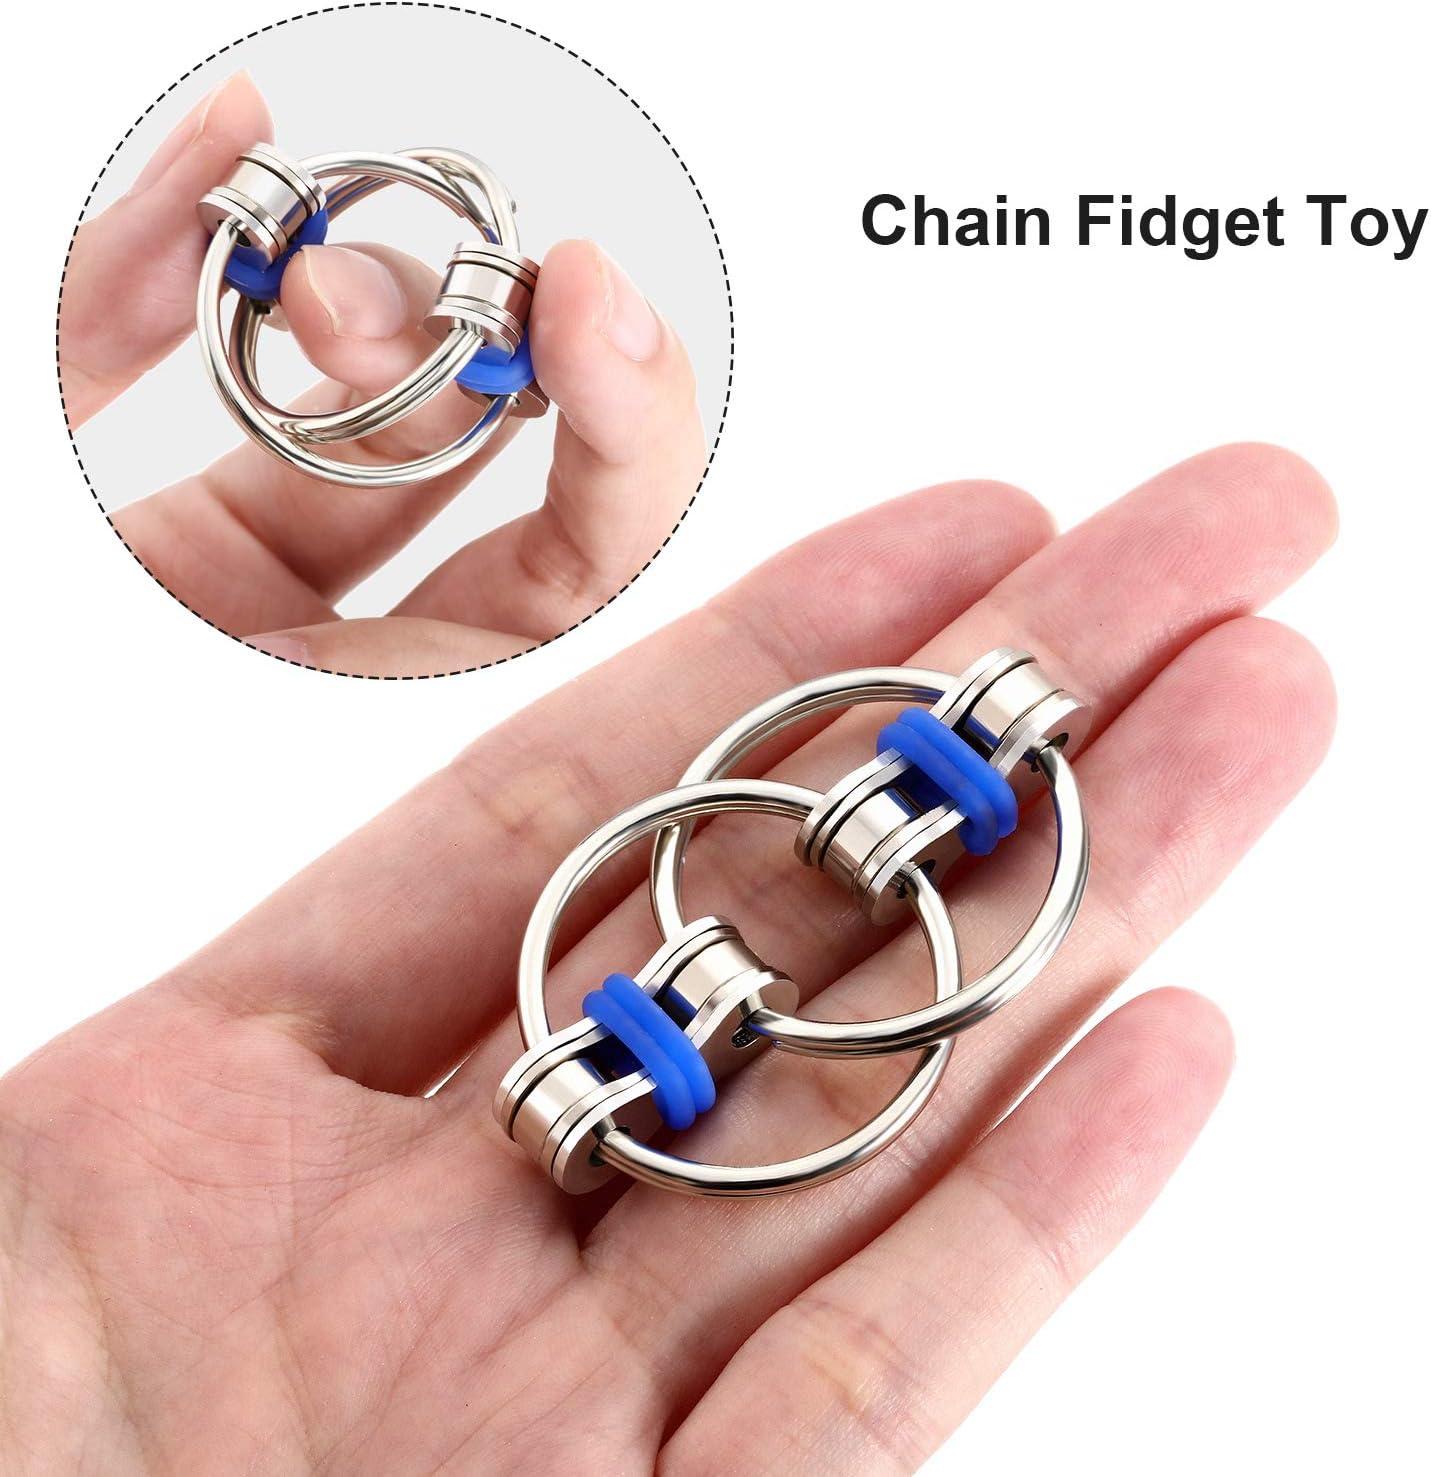 12 Pieces Fidgets Chain Fidget Toy Stress Relief Chain, Great für Adhd und Add, Anxiety Relief Bike Chain Toys für Adults und Teens